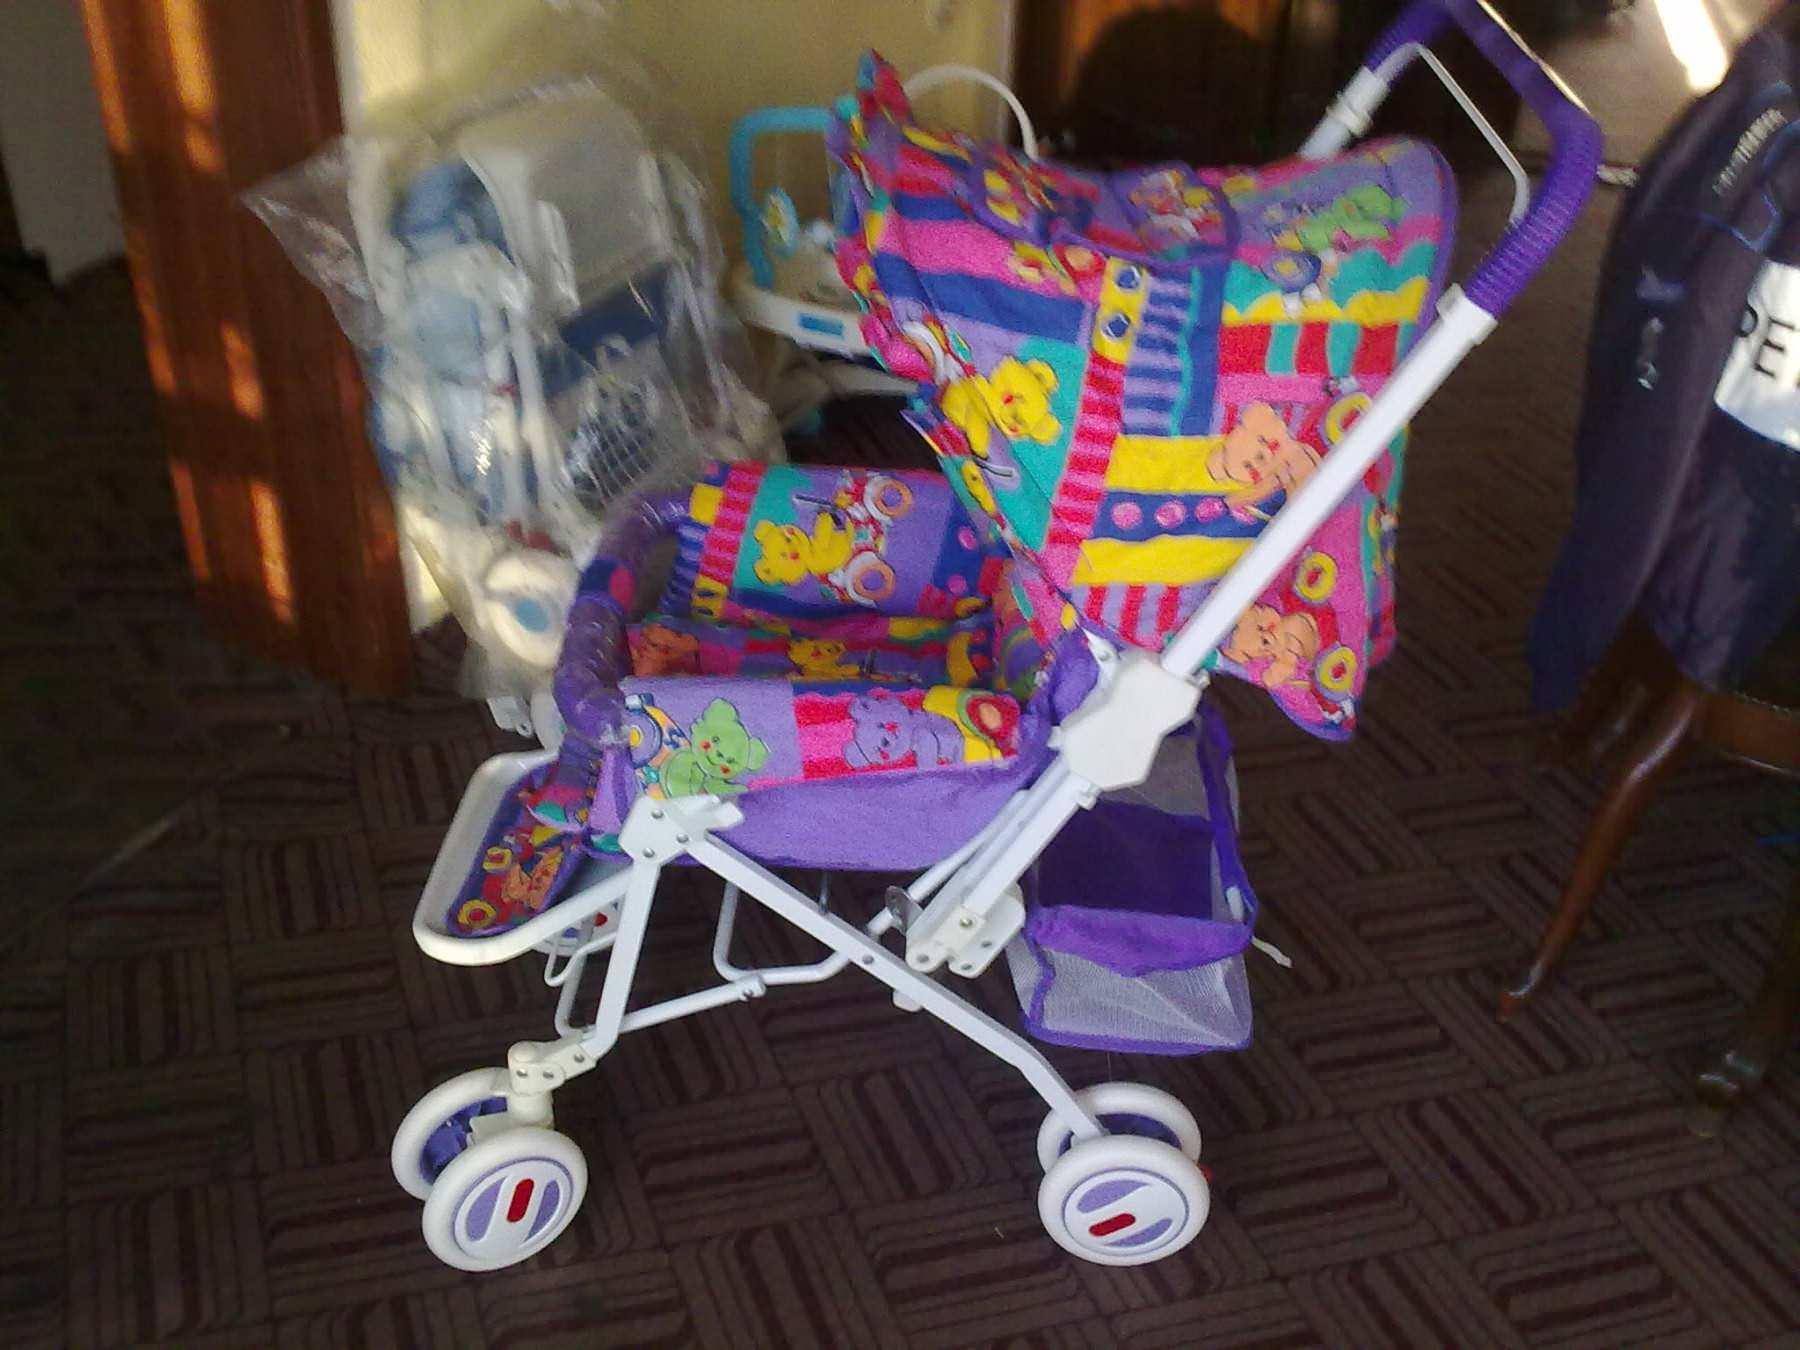 Kolica za bebe TITAN potpuno nova